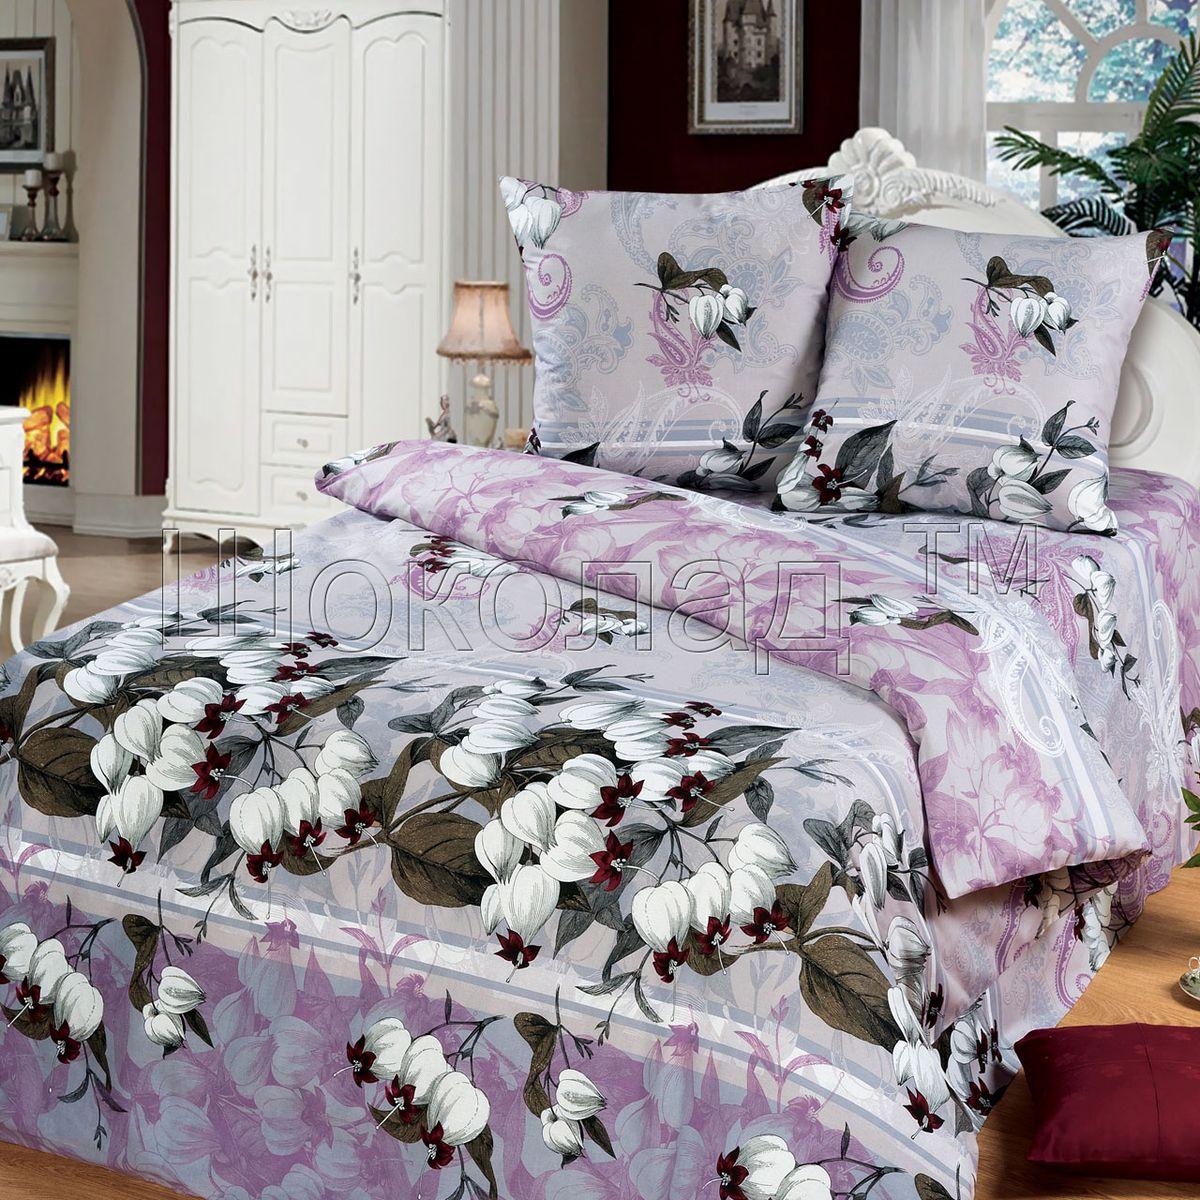 Комплект белья Шоколад Анита, семейный, наволочки 70x70. Б120Б120Комплект постельного белья Шоколад Анита является экологически безопасным для всей семьи, так как выполнен из натурального хлопка. Комплект состоит из двух пододеяльников, простыни и двух наволочек. Постельное белье оформлено оригинальным рисунком и имеет изысканный внешний вид.Бязь - это ткань полотняного переплетения, изготовленная из экологически чистого и натурального 100% хлопка. Она прочная, мягкая, обладает низкой сминаемостью, легко стирается и хорошо гладится. Бязь прекрасно пропускает воздух и за ней легко ухаживать. При соблюдении рекомендуемых условий стирки, сушки и глажения ткань имеет усадку по ГОСТу, сохранятся яркость текстильных рисунков. Приобретая комплект постельного белья Шоколад Анита, вы можете быть уверены в том, что покупка доставит вам и вашим близким удовольствие и подарит максимальный комфорт.